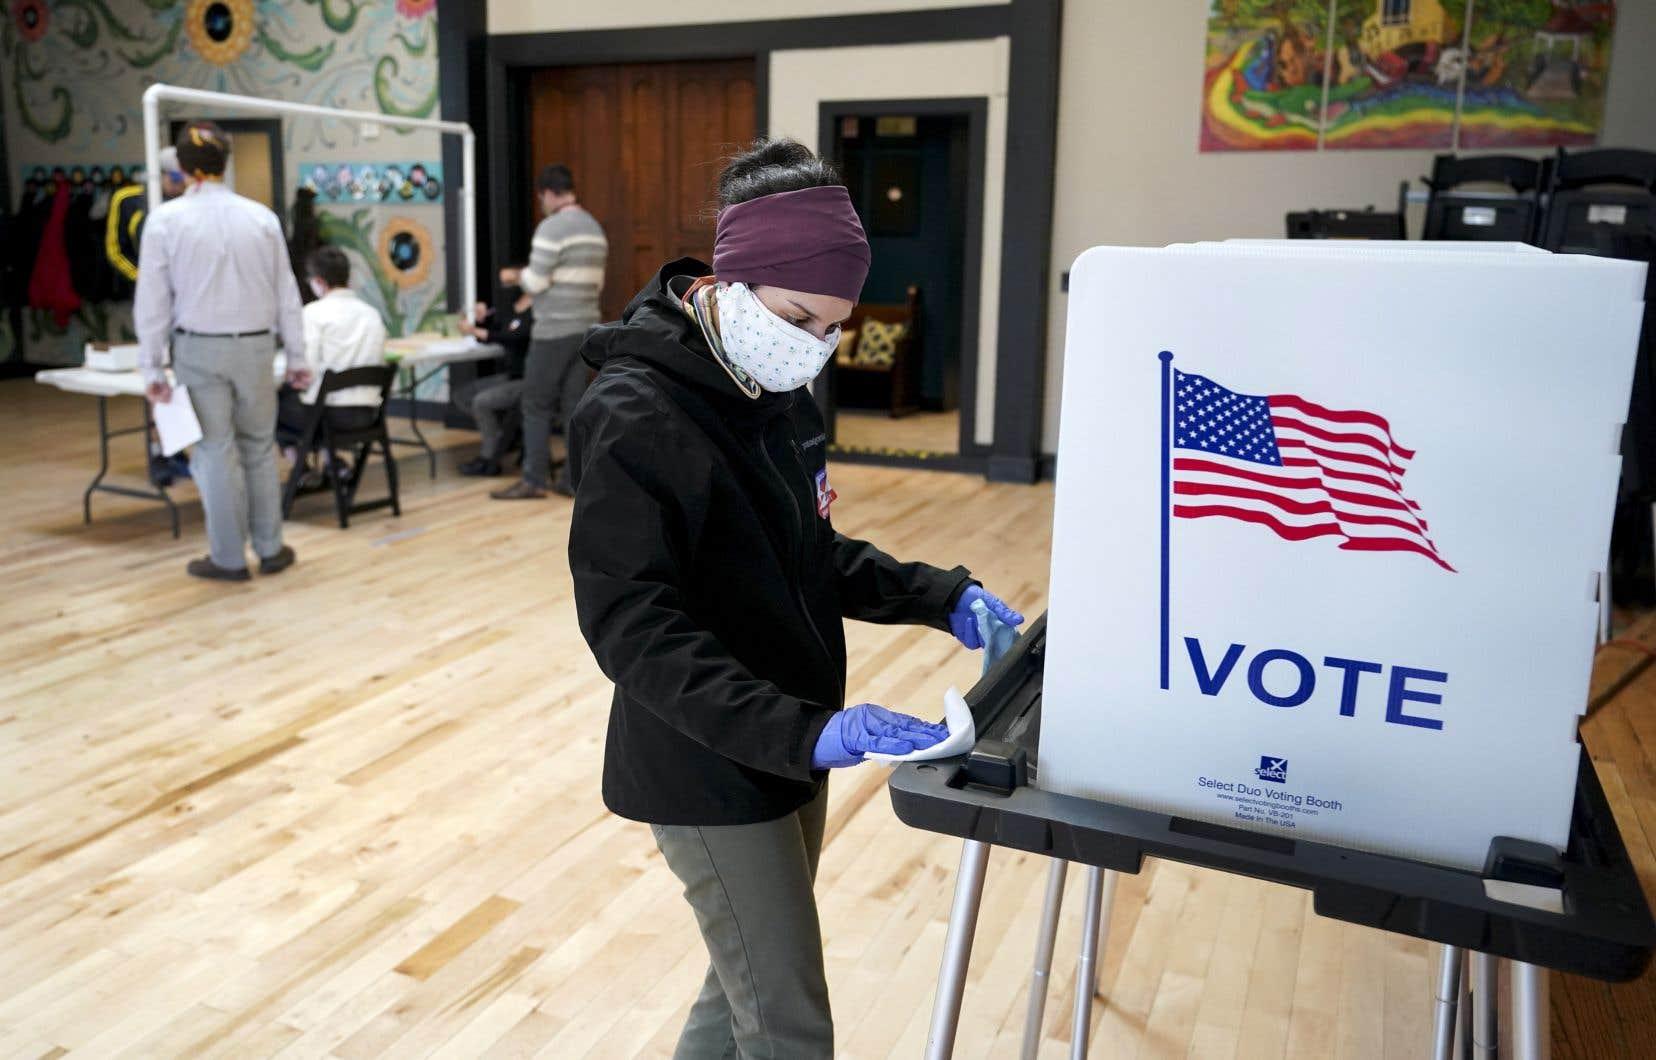 Les habitants du Wisconsin ont voté mardi, en pleine pandémie du coronavirus, pour des scrutins locaux et la primaire démocrate entre Joe Biden et Bernie Sanders.